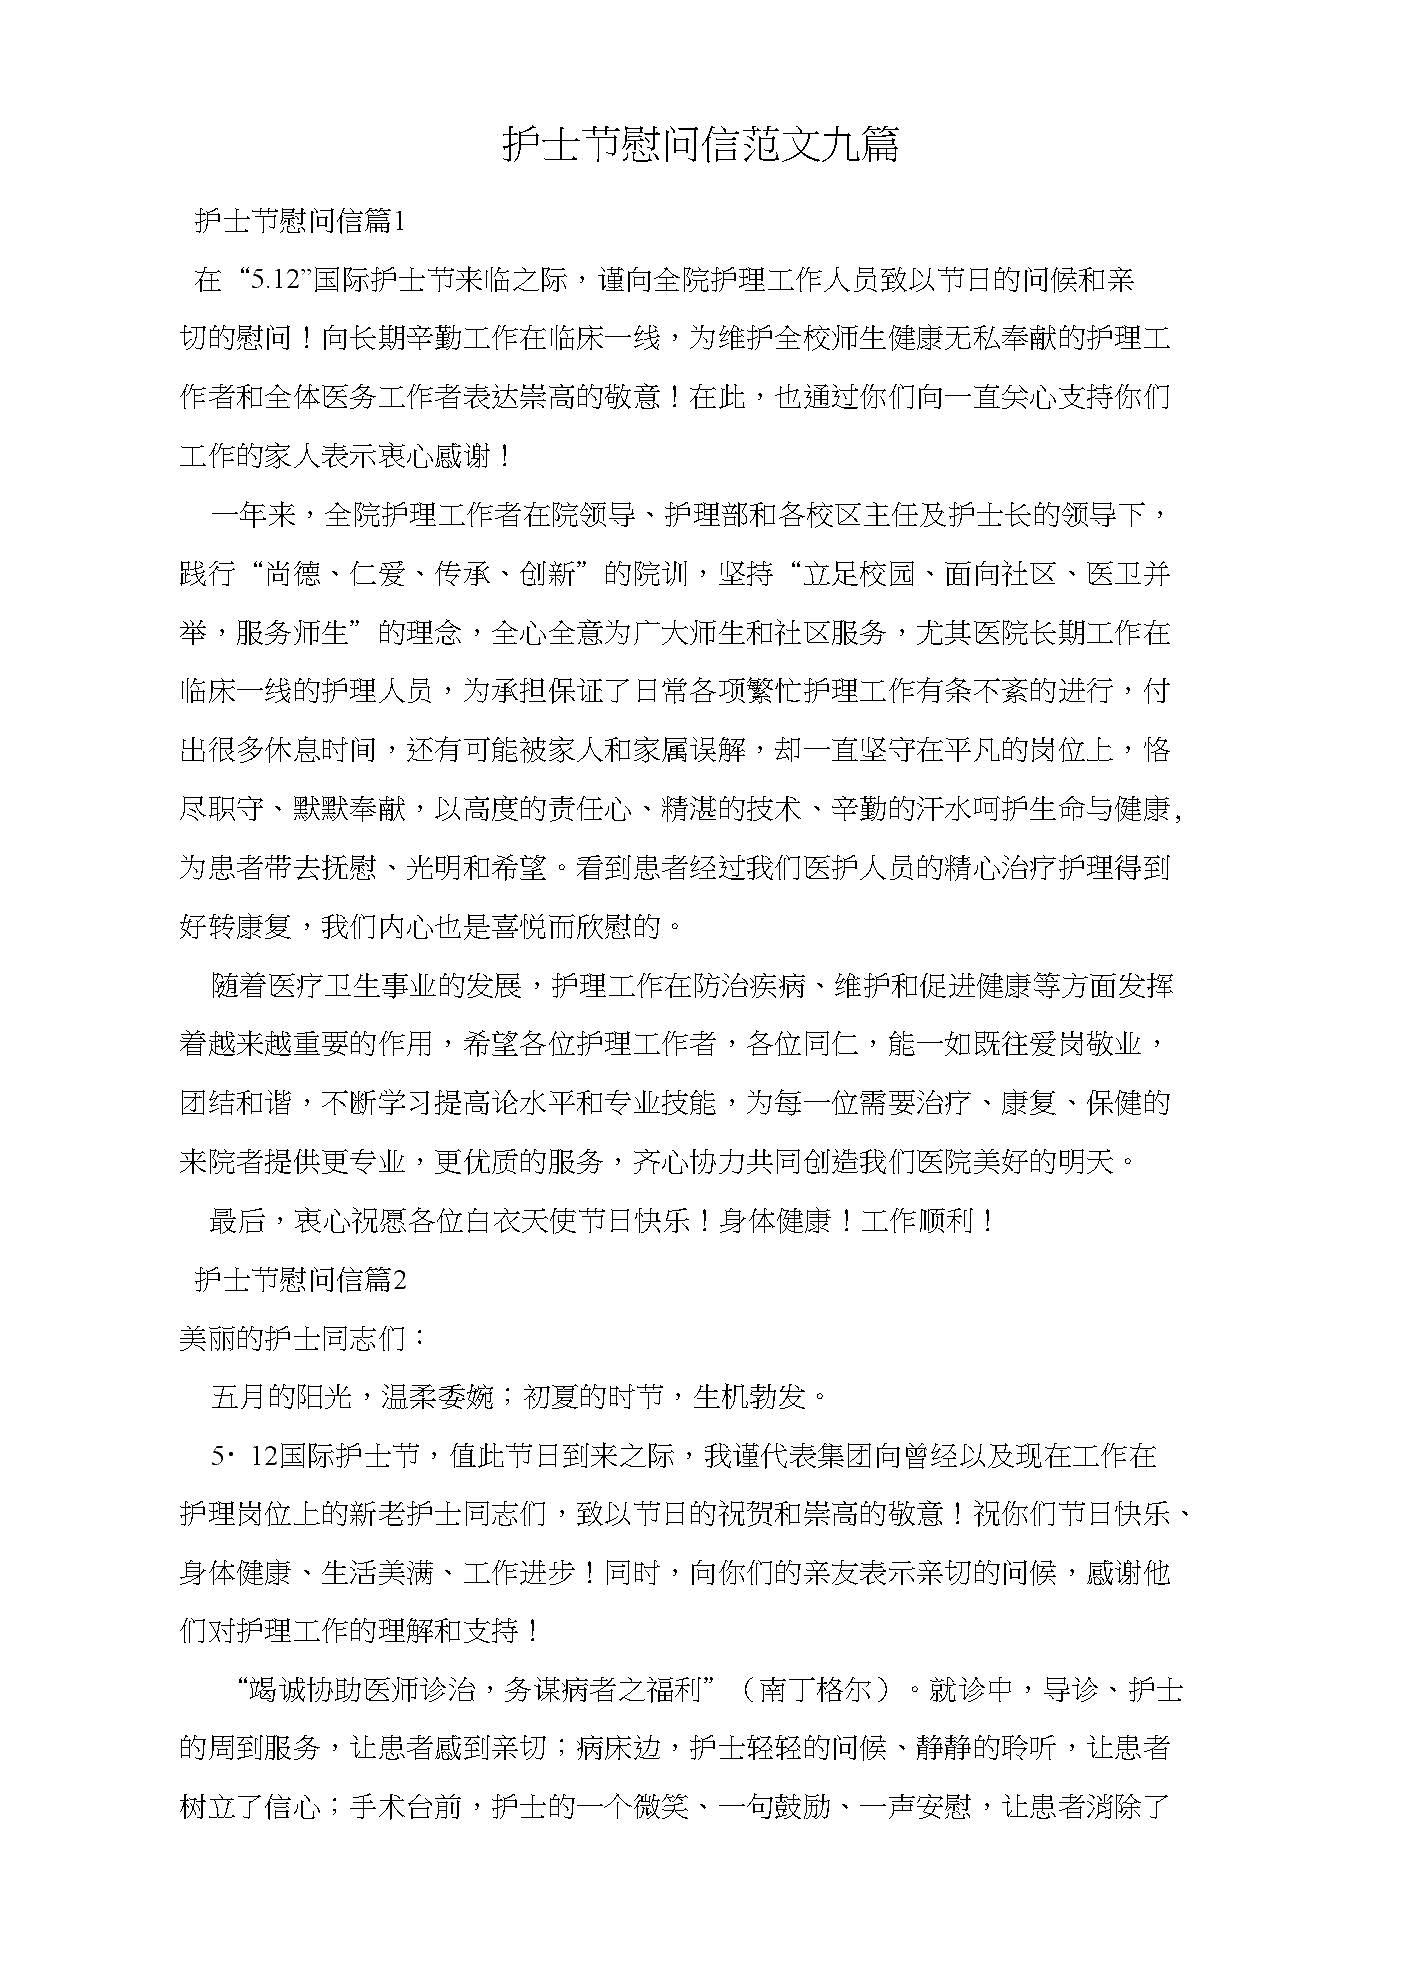 护士节慰问信范文九篇.docx